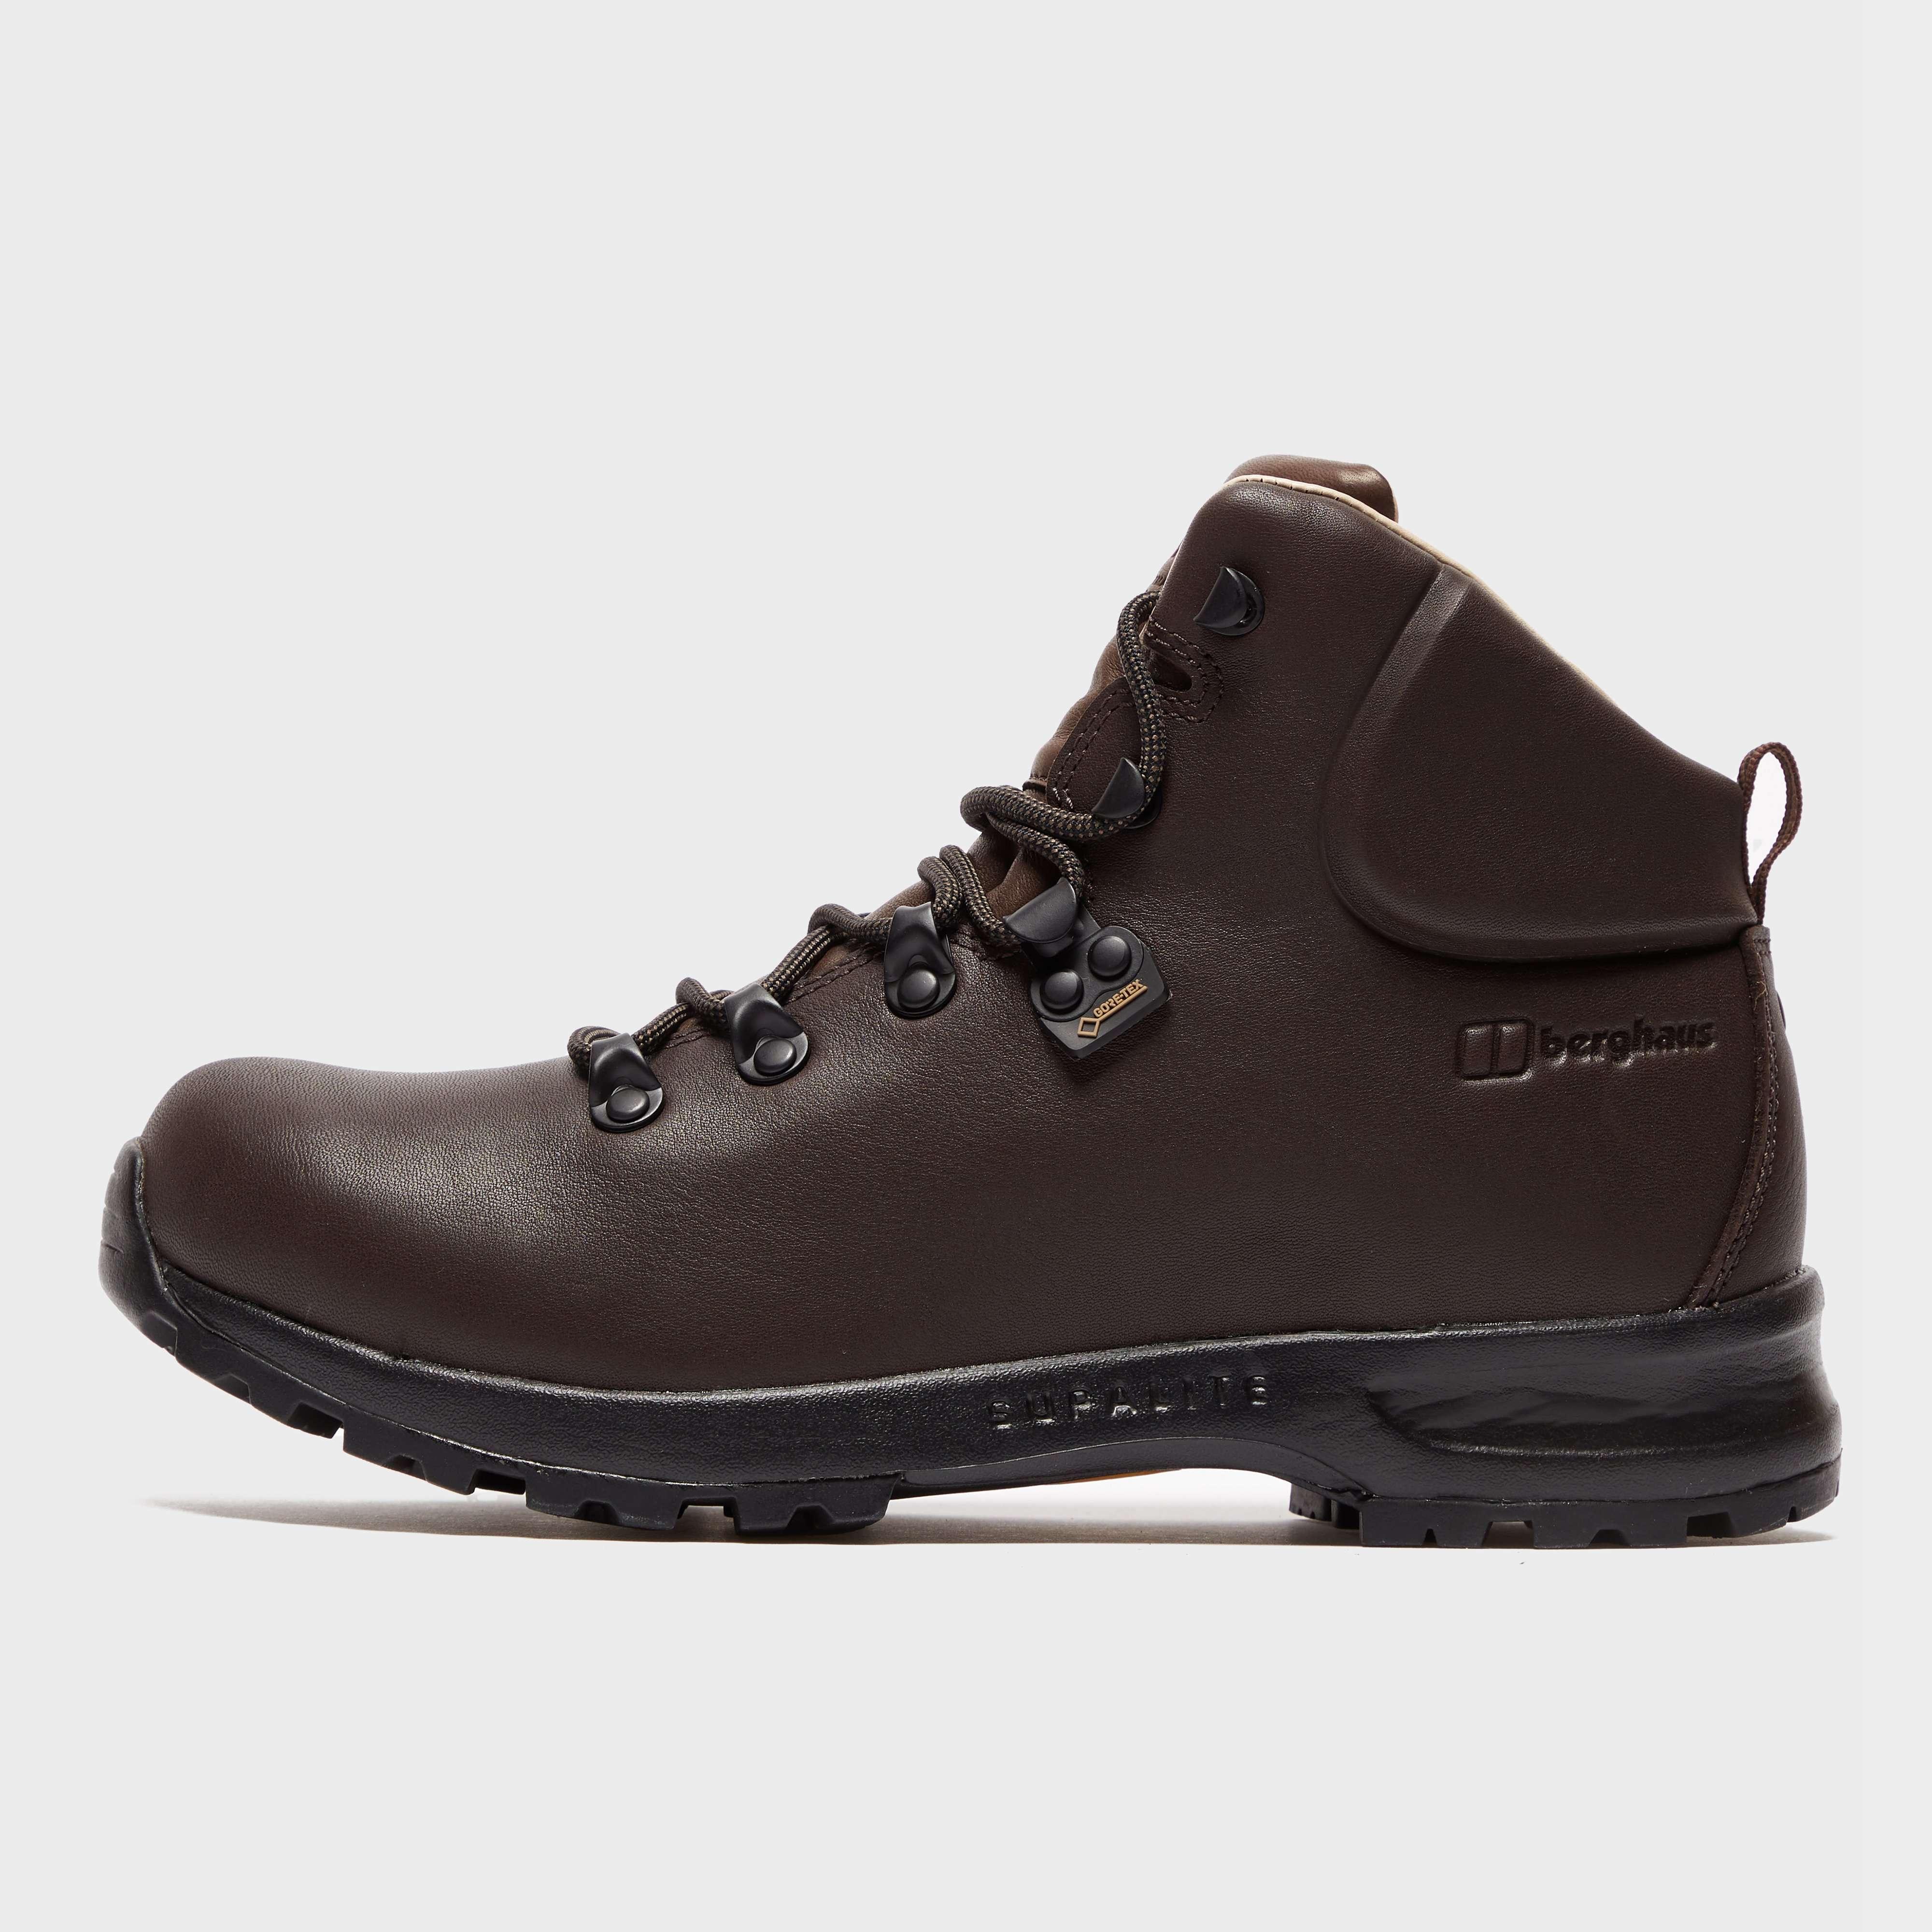 BERGHAUS Women's Supalite™ II GORE-TEX® Hiking Boot